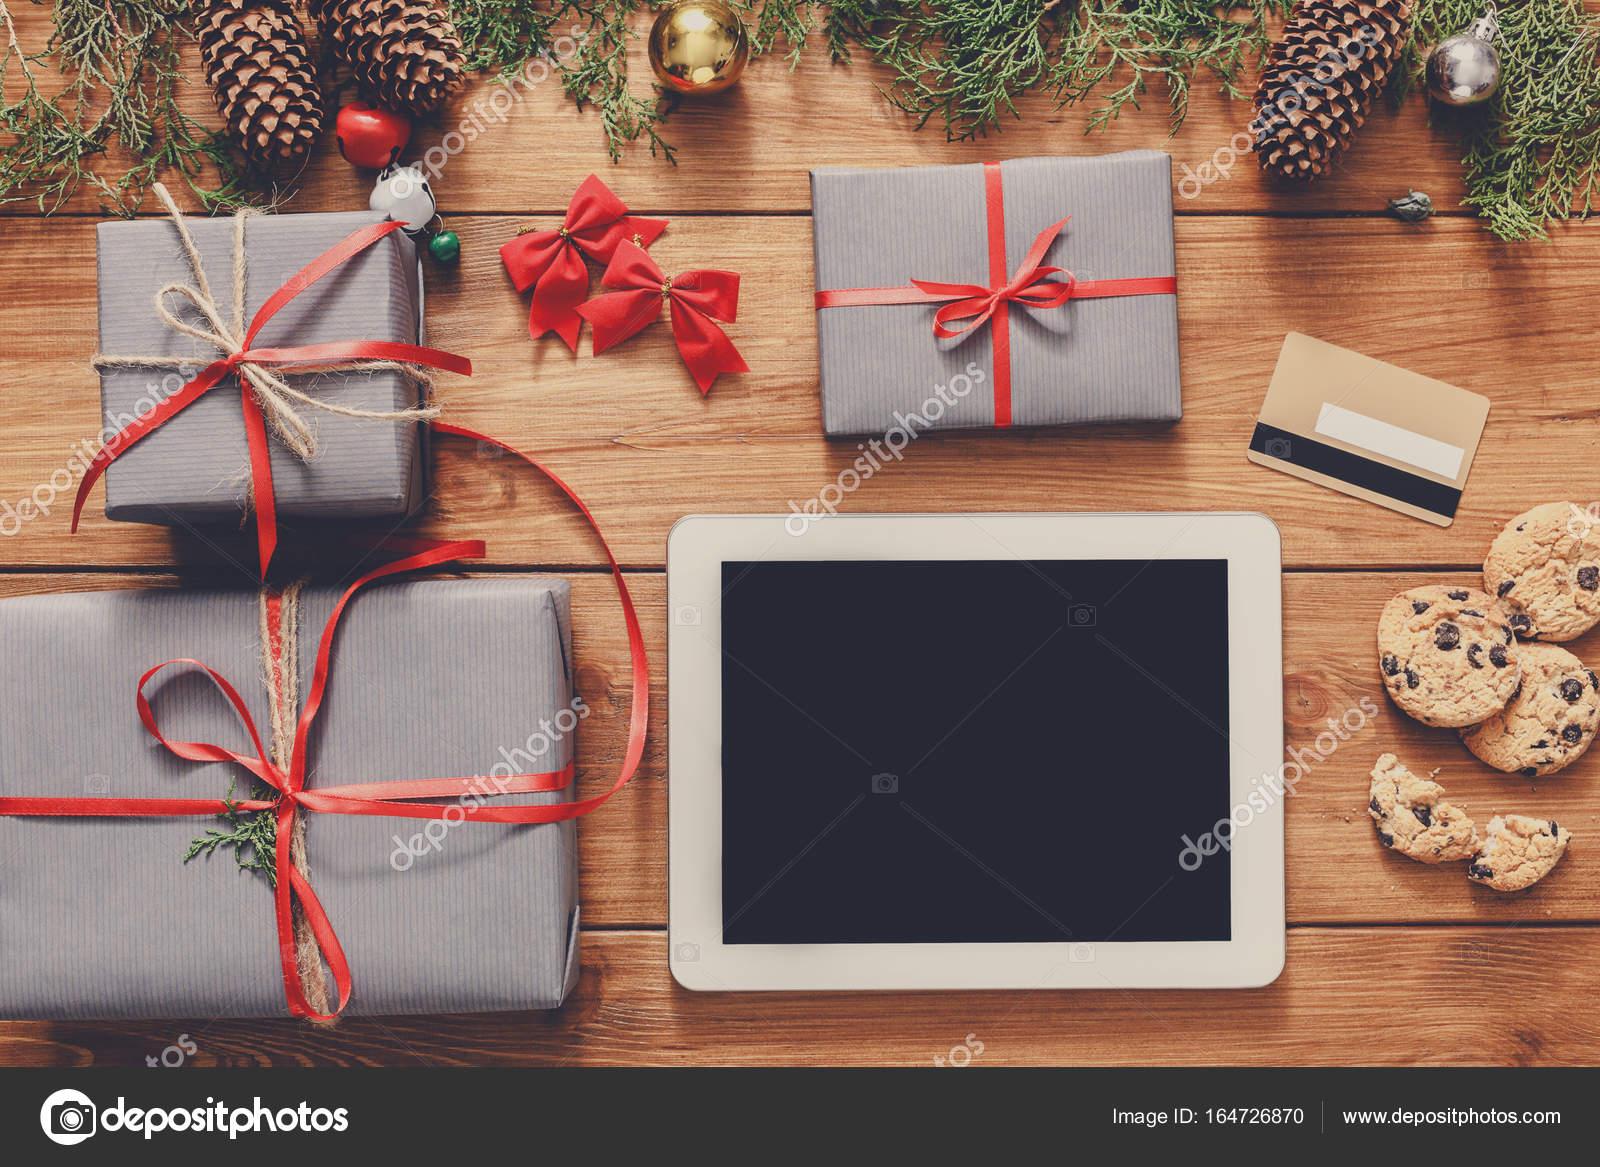 Weihnachten Online-shopping-Hintergrund — Stockfoto © Milkos #164726870